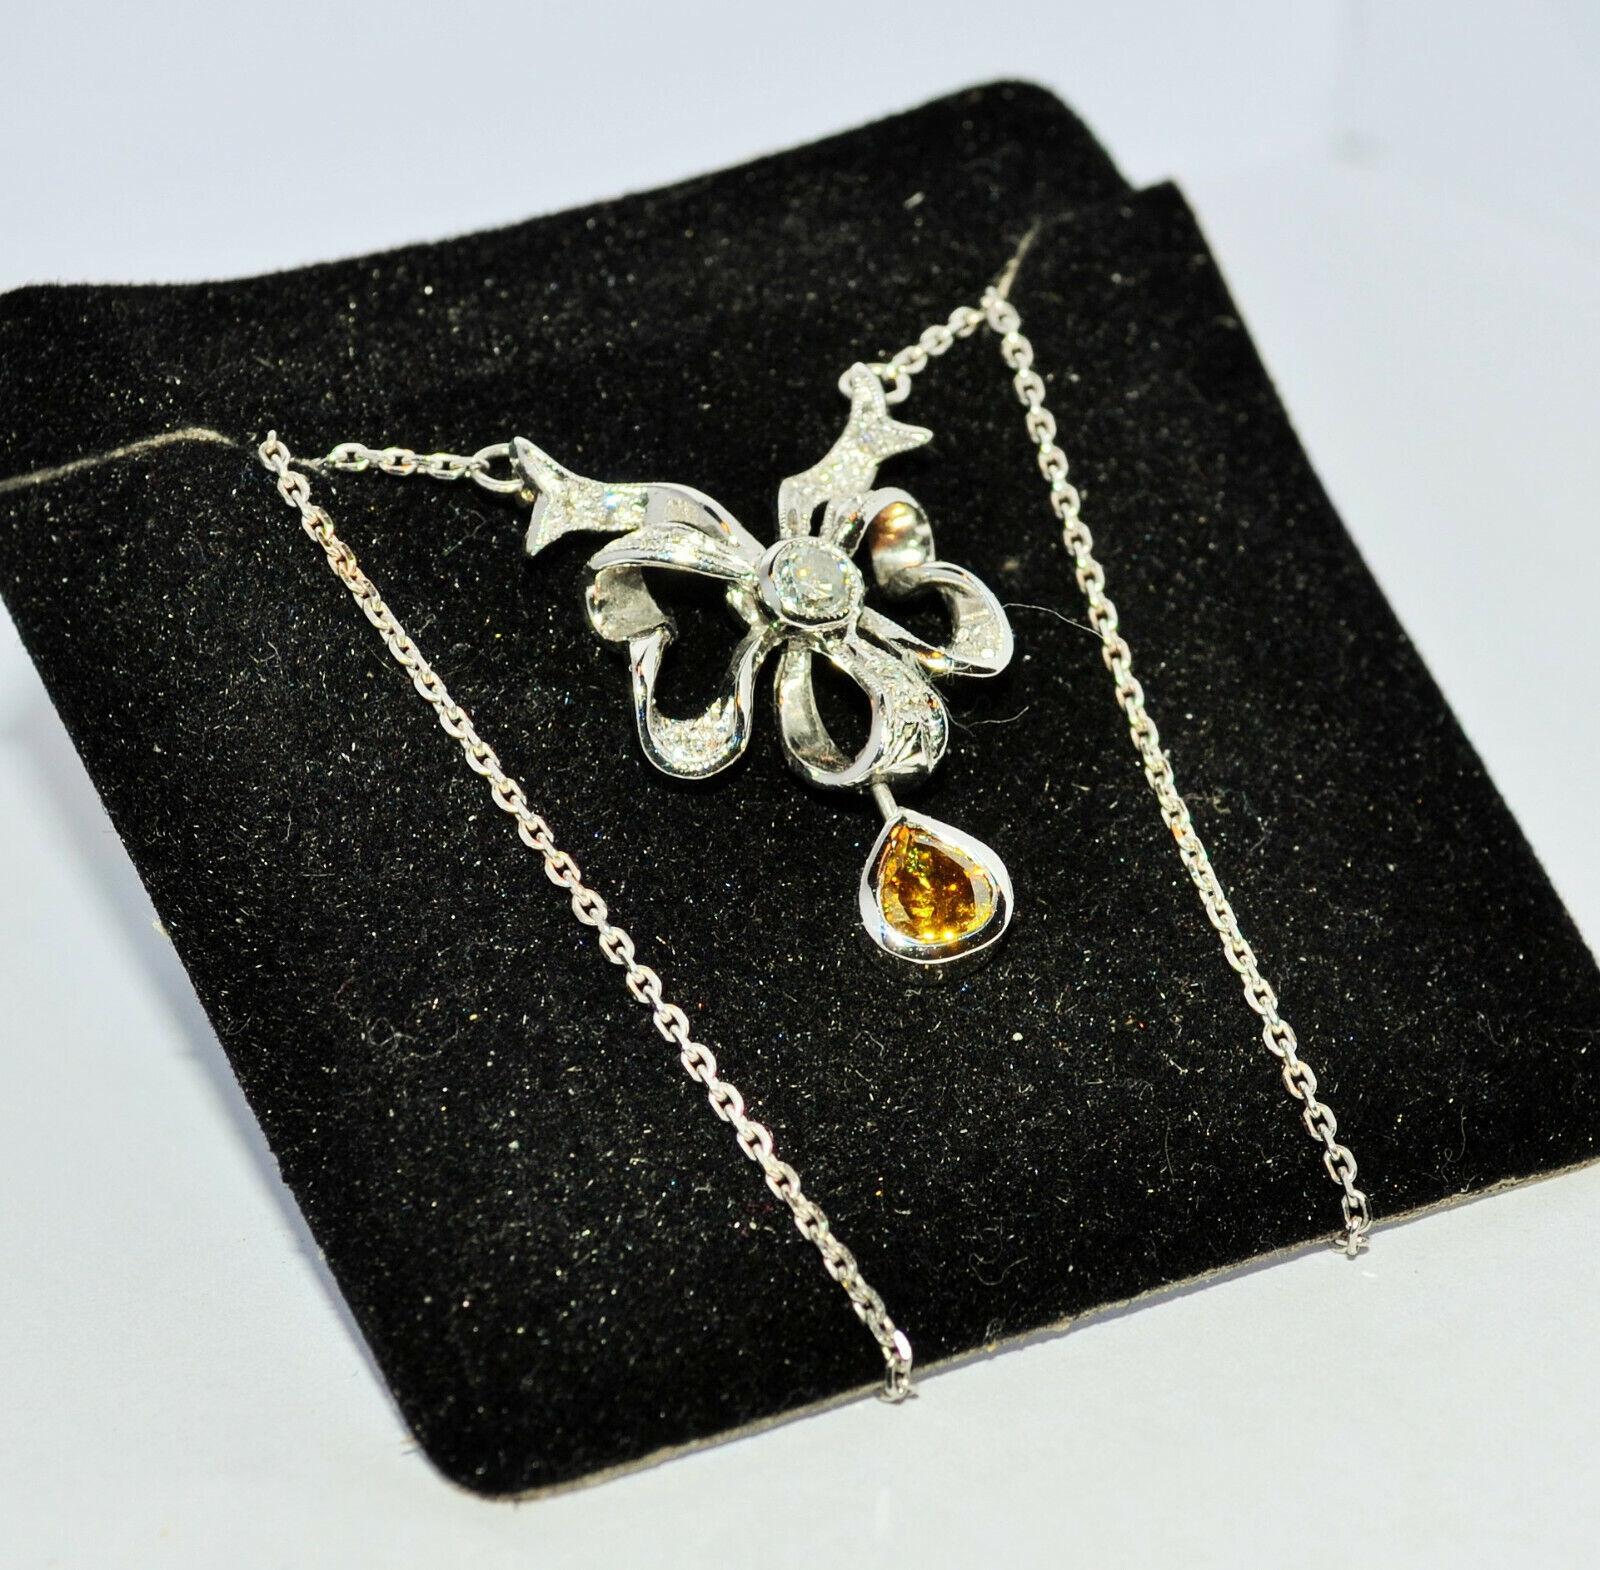 Weißgold 585 Collier mit Brillanten 0,80 Ct Art Deco